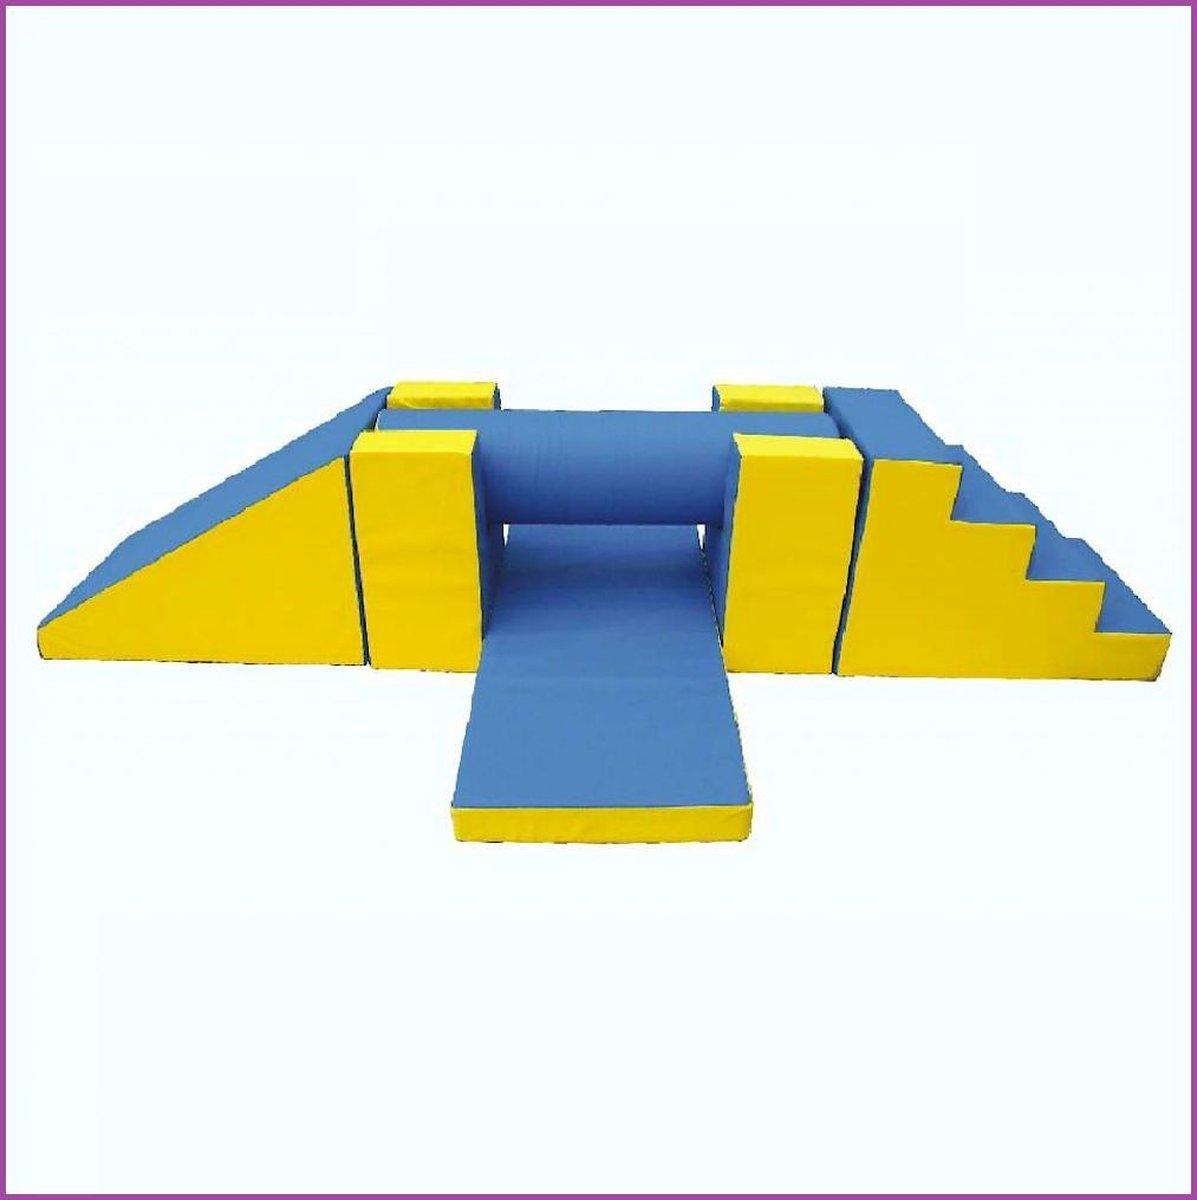 Gymnastiek Rol Set - Speel, Bouw & Zit schuim blokken / kussens / elementen / foam